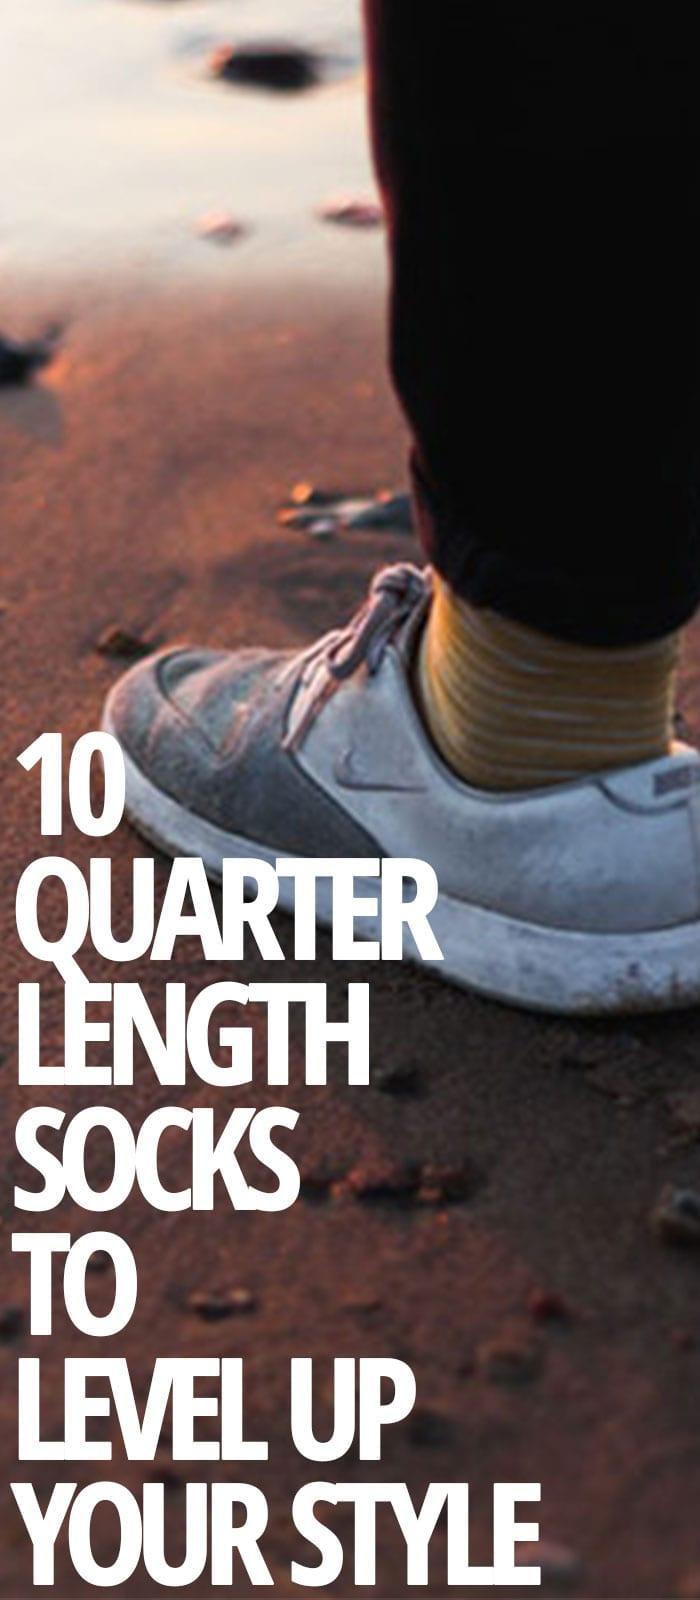 10-QUARTER-LENGTH-SOCKS-FOR-MEN